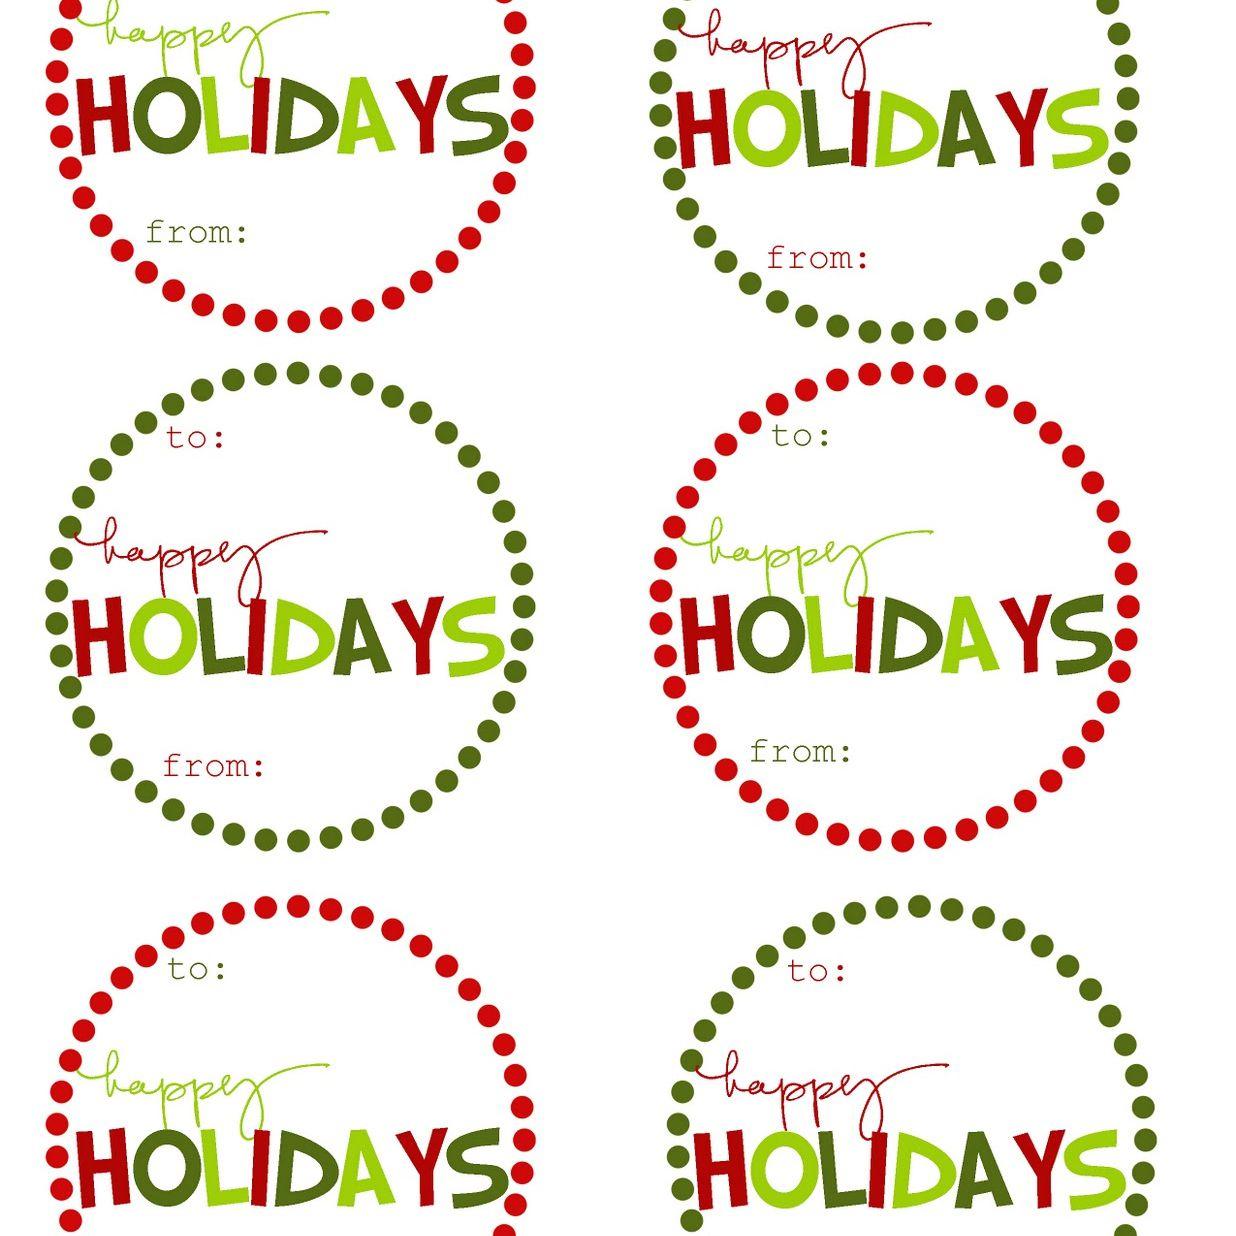 40 Sets Of Free Printable Christmas Gift Tags - Free Printable Goodie Bag Tags